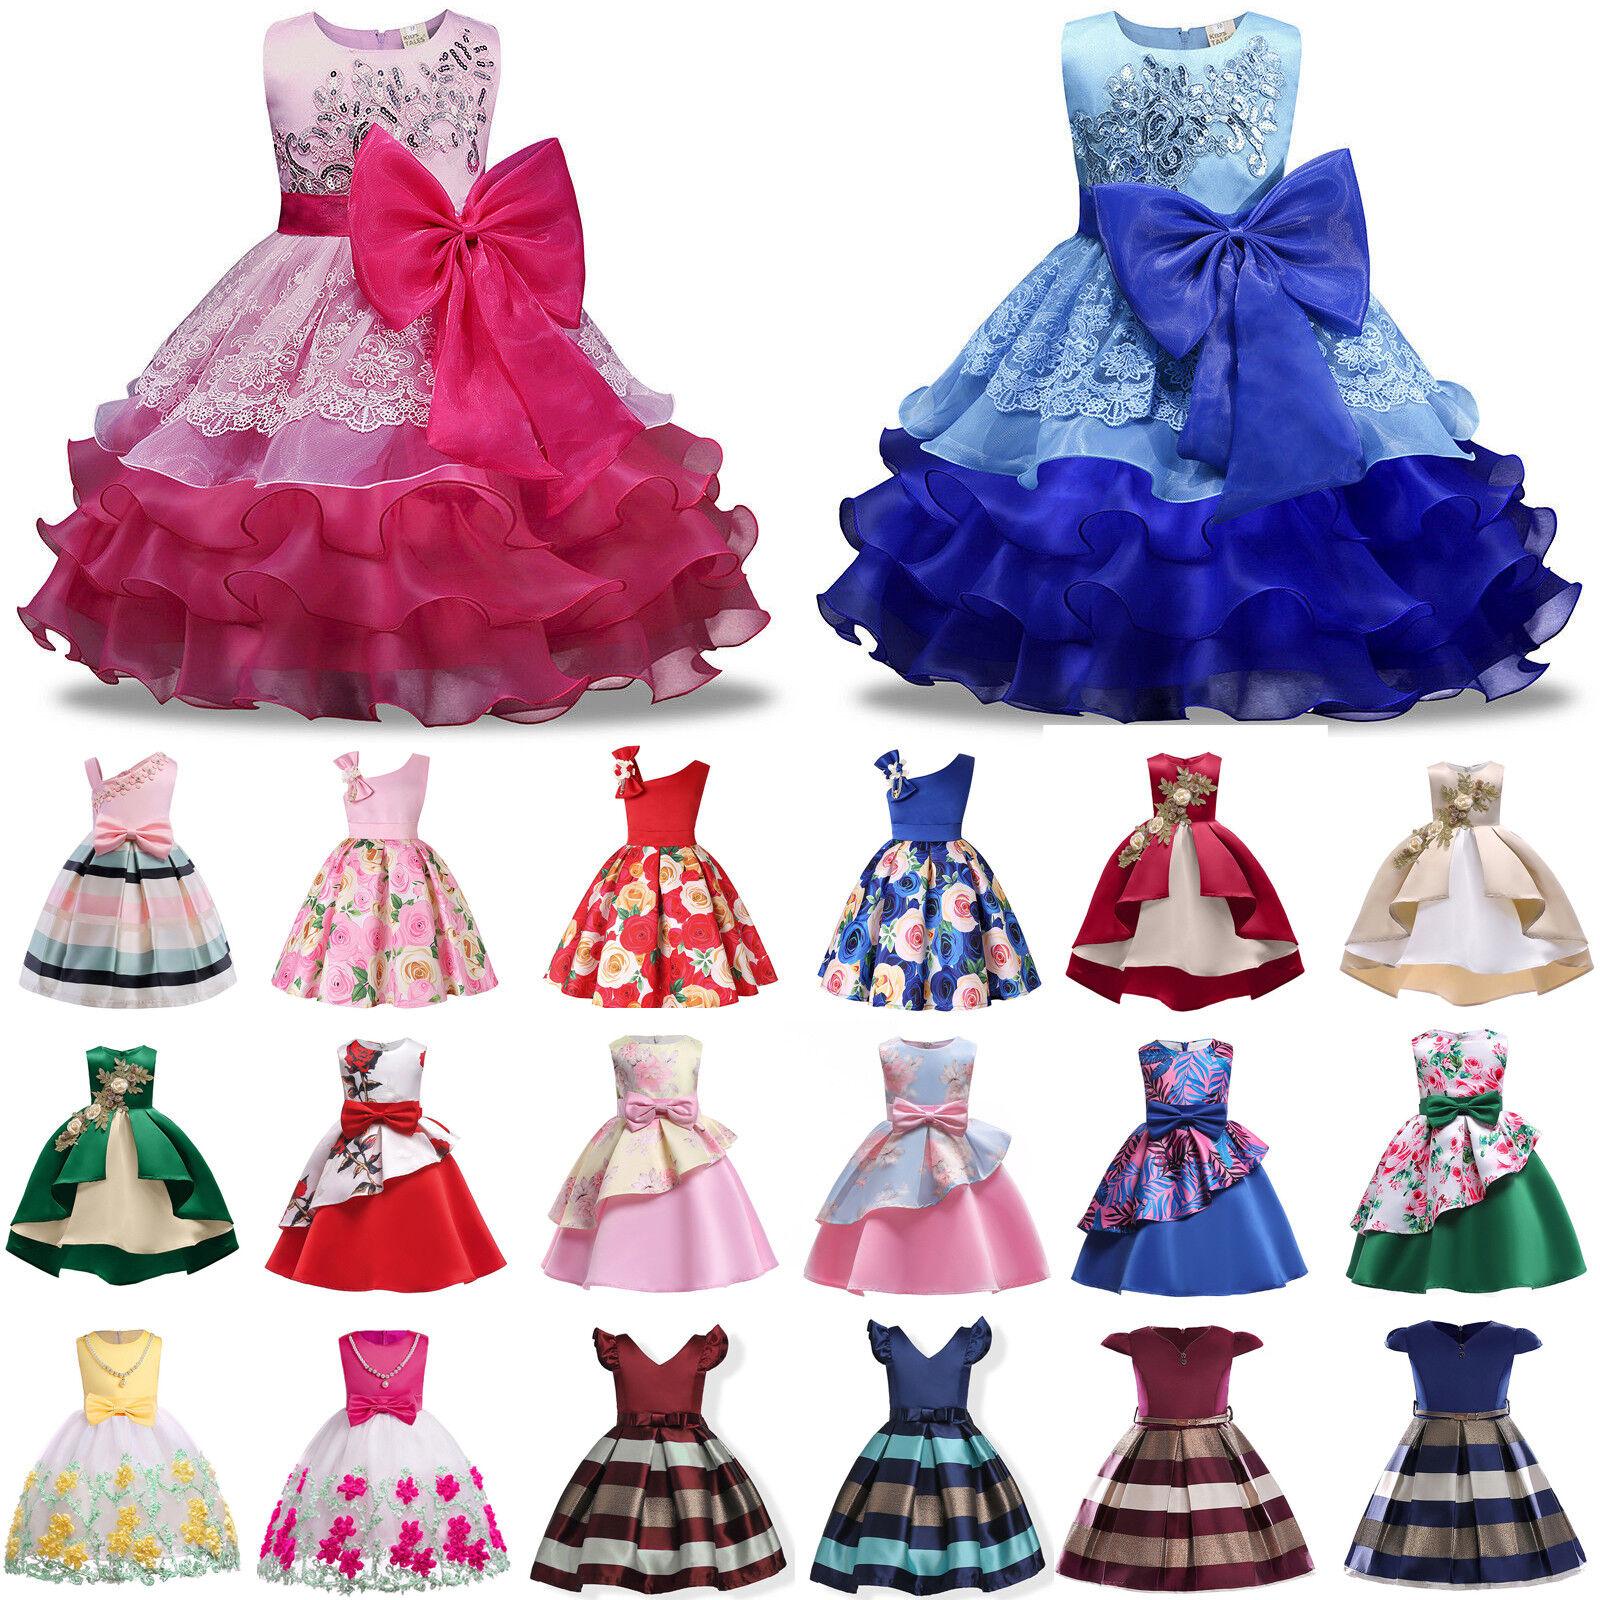 Kinder Mädchen Prinzessin Festkleid Hochzeit Tüll Party Abendkleid Ballkleid